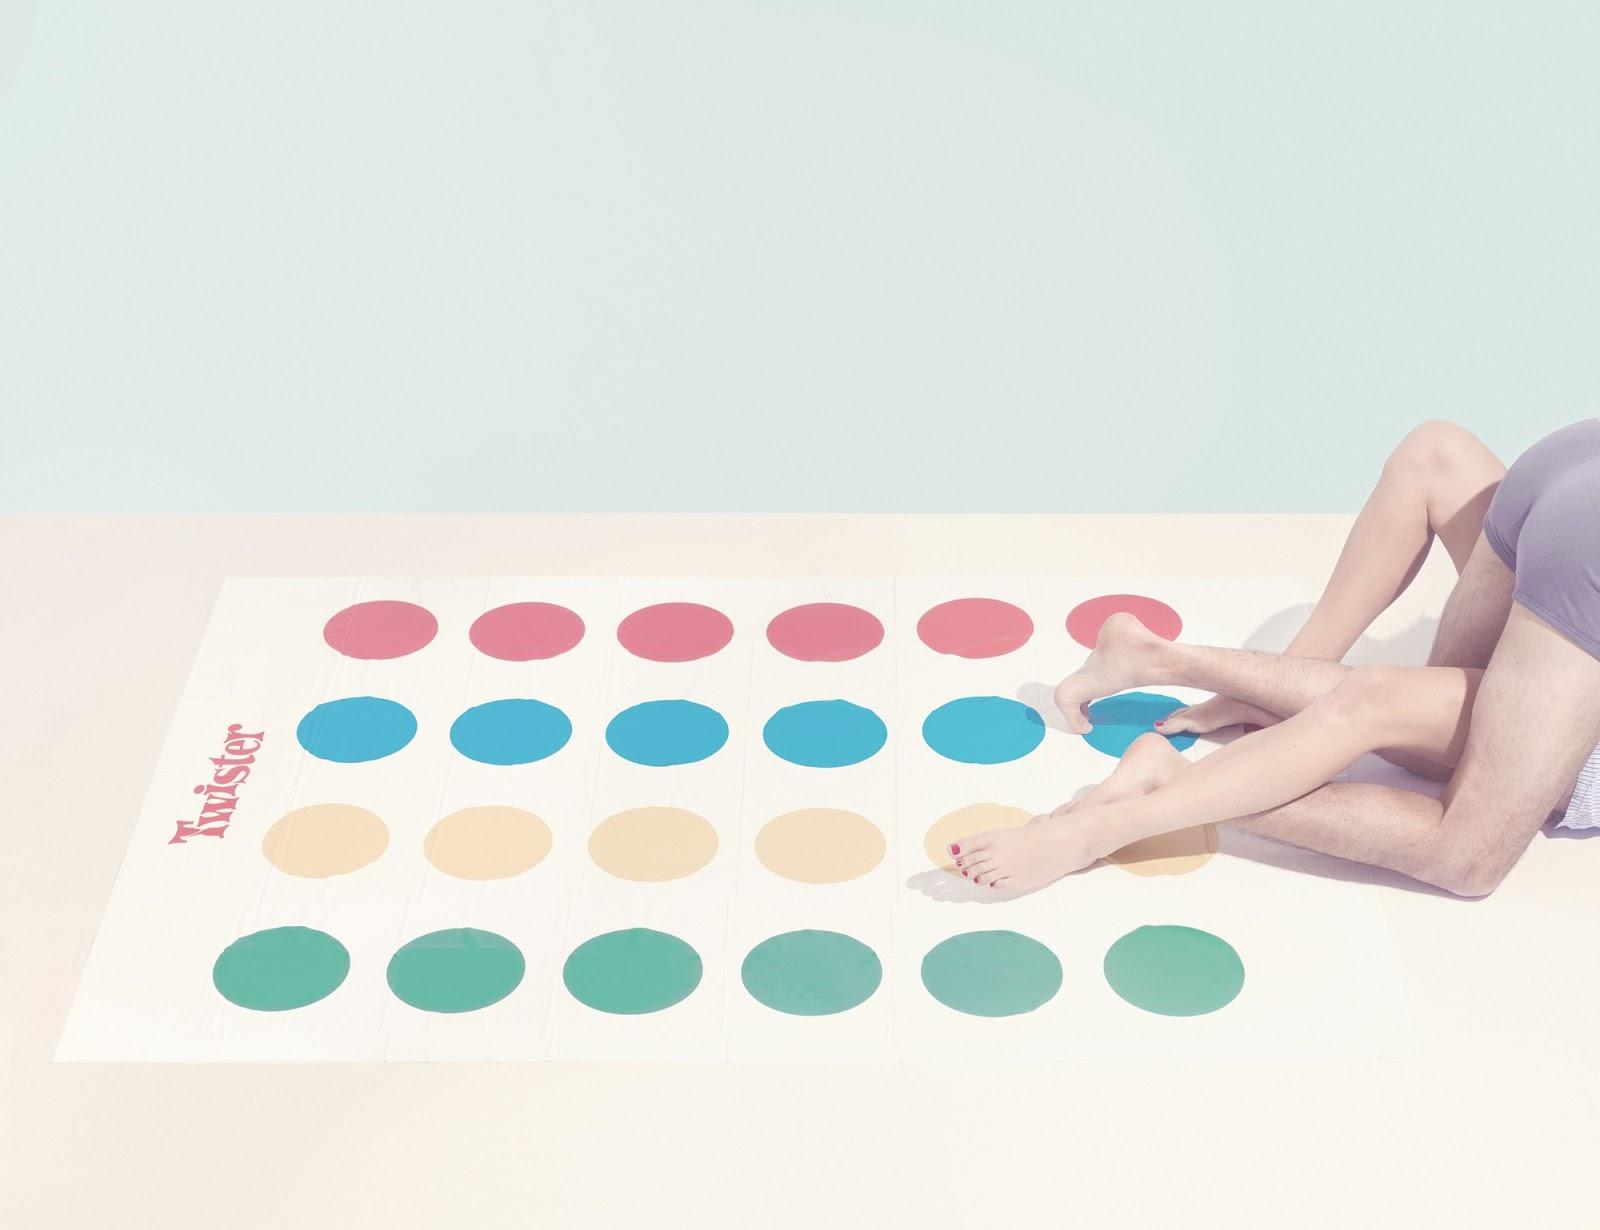 Твистер секс игра 25 фотография